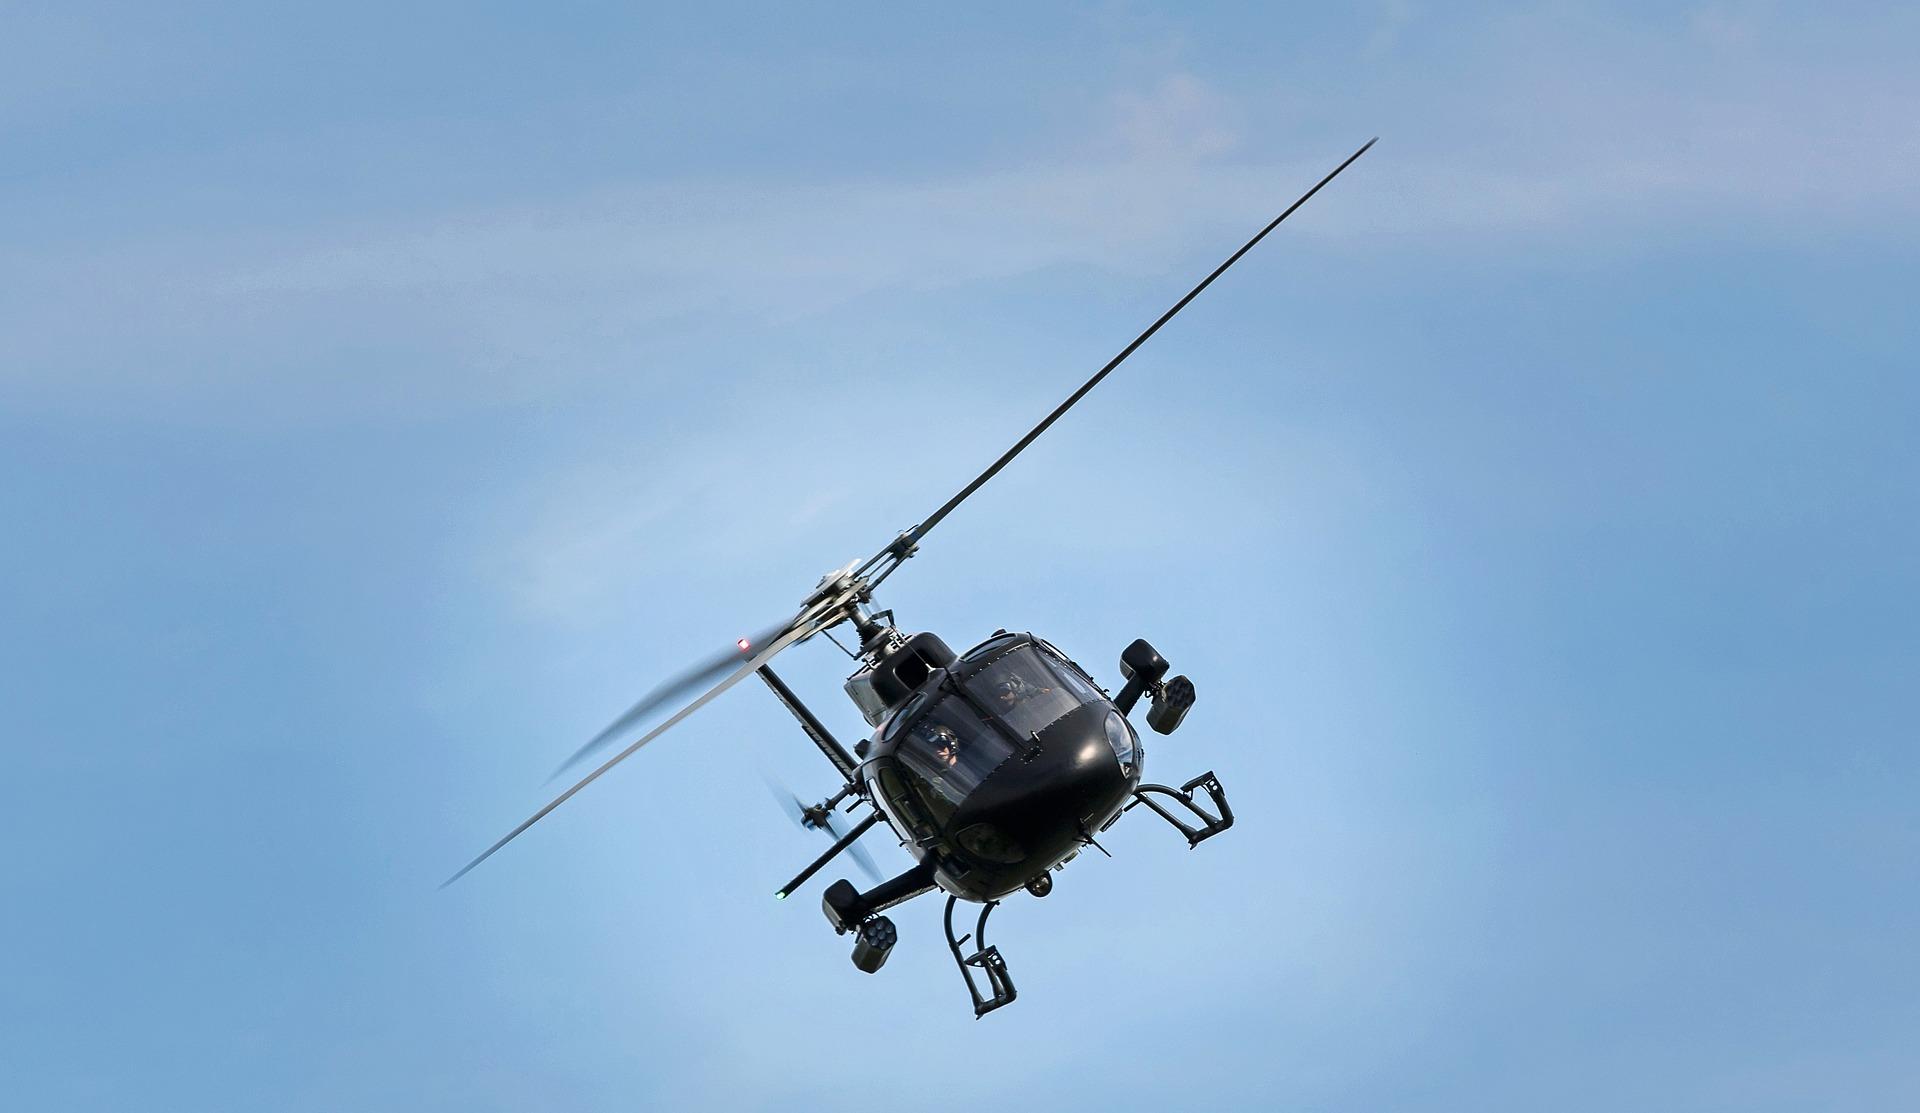 Een gaaf zakelijk cadeau: vliegen in een helikopter!